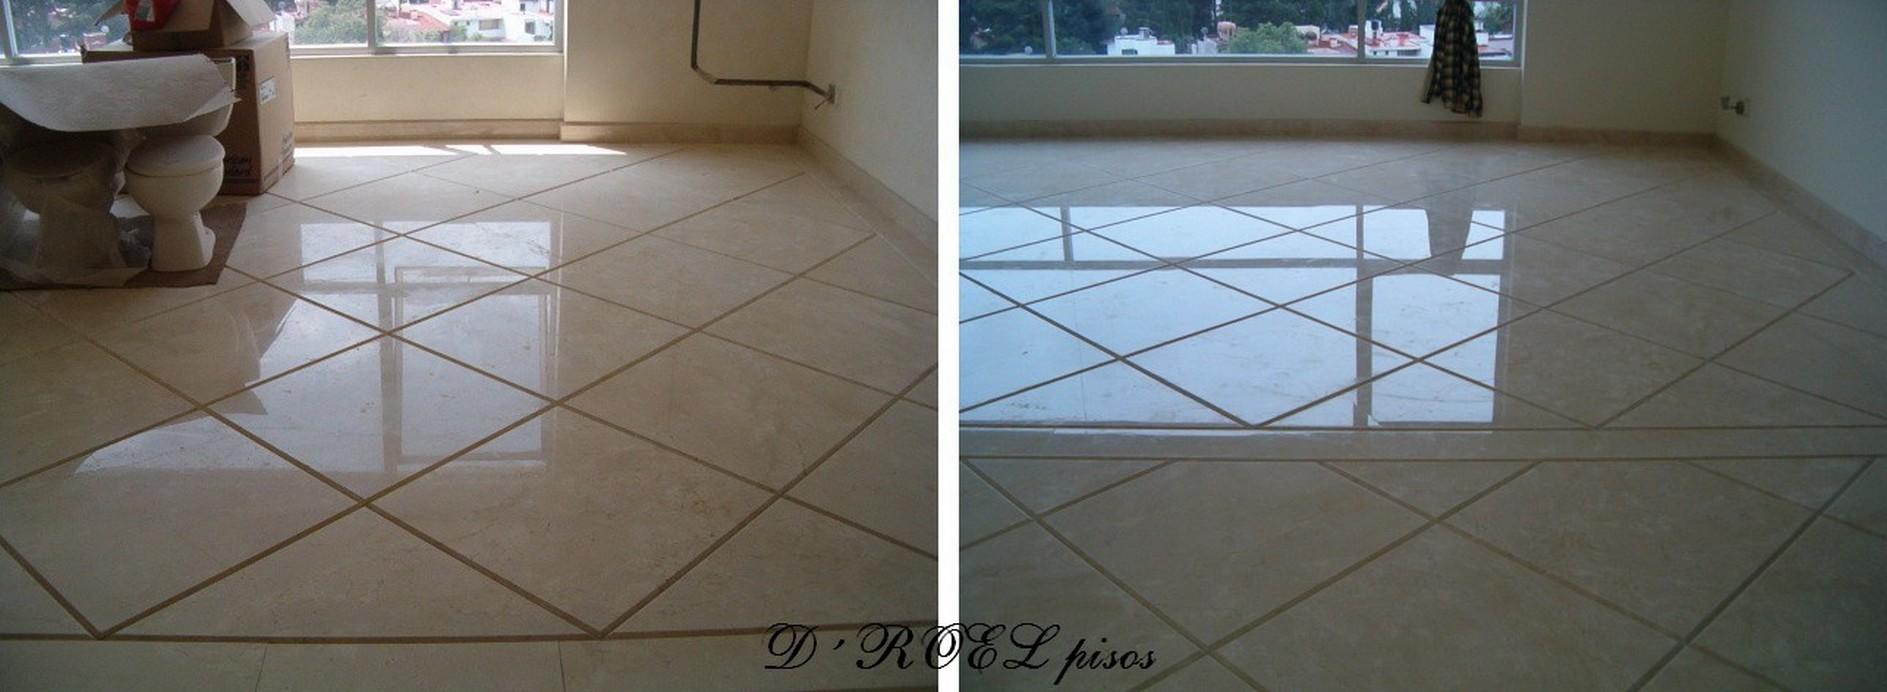 Pulido de pisos de duela presupuestos gratis vbf 120 for Pisos en marmol y granito